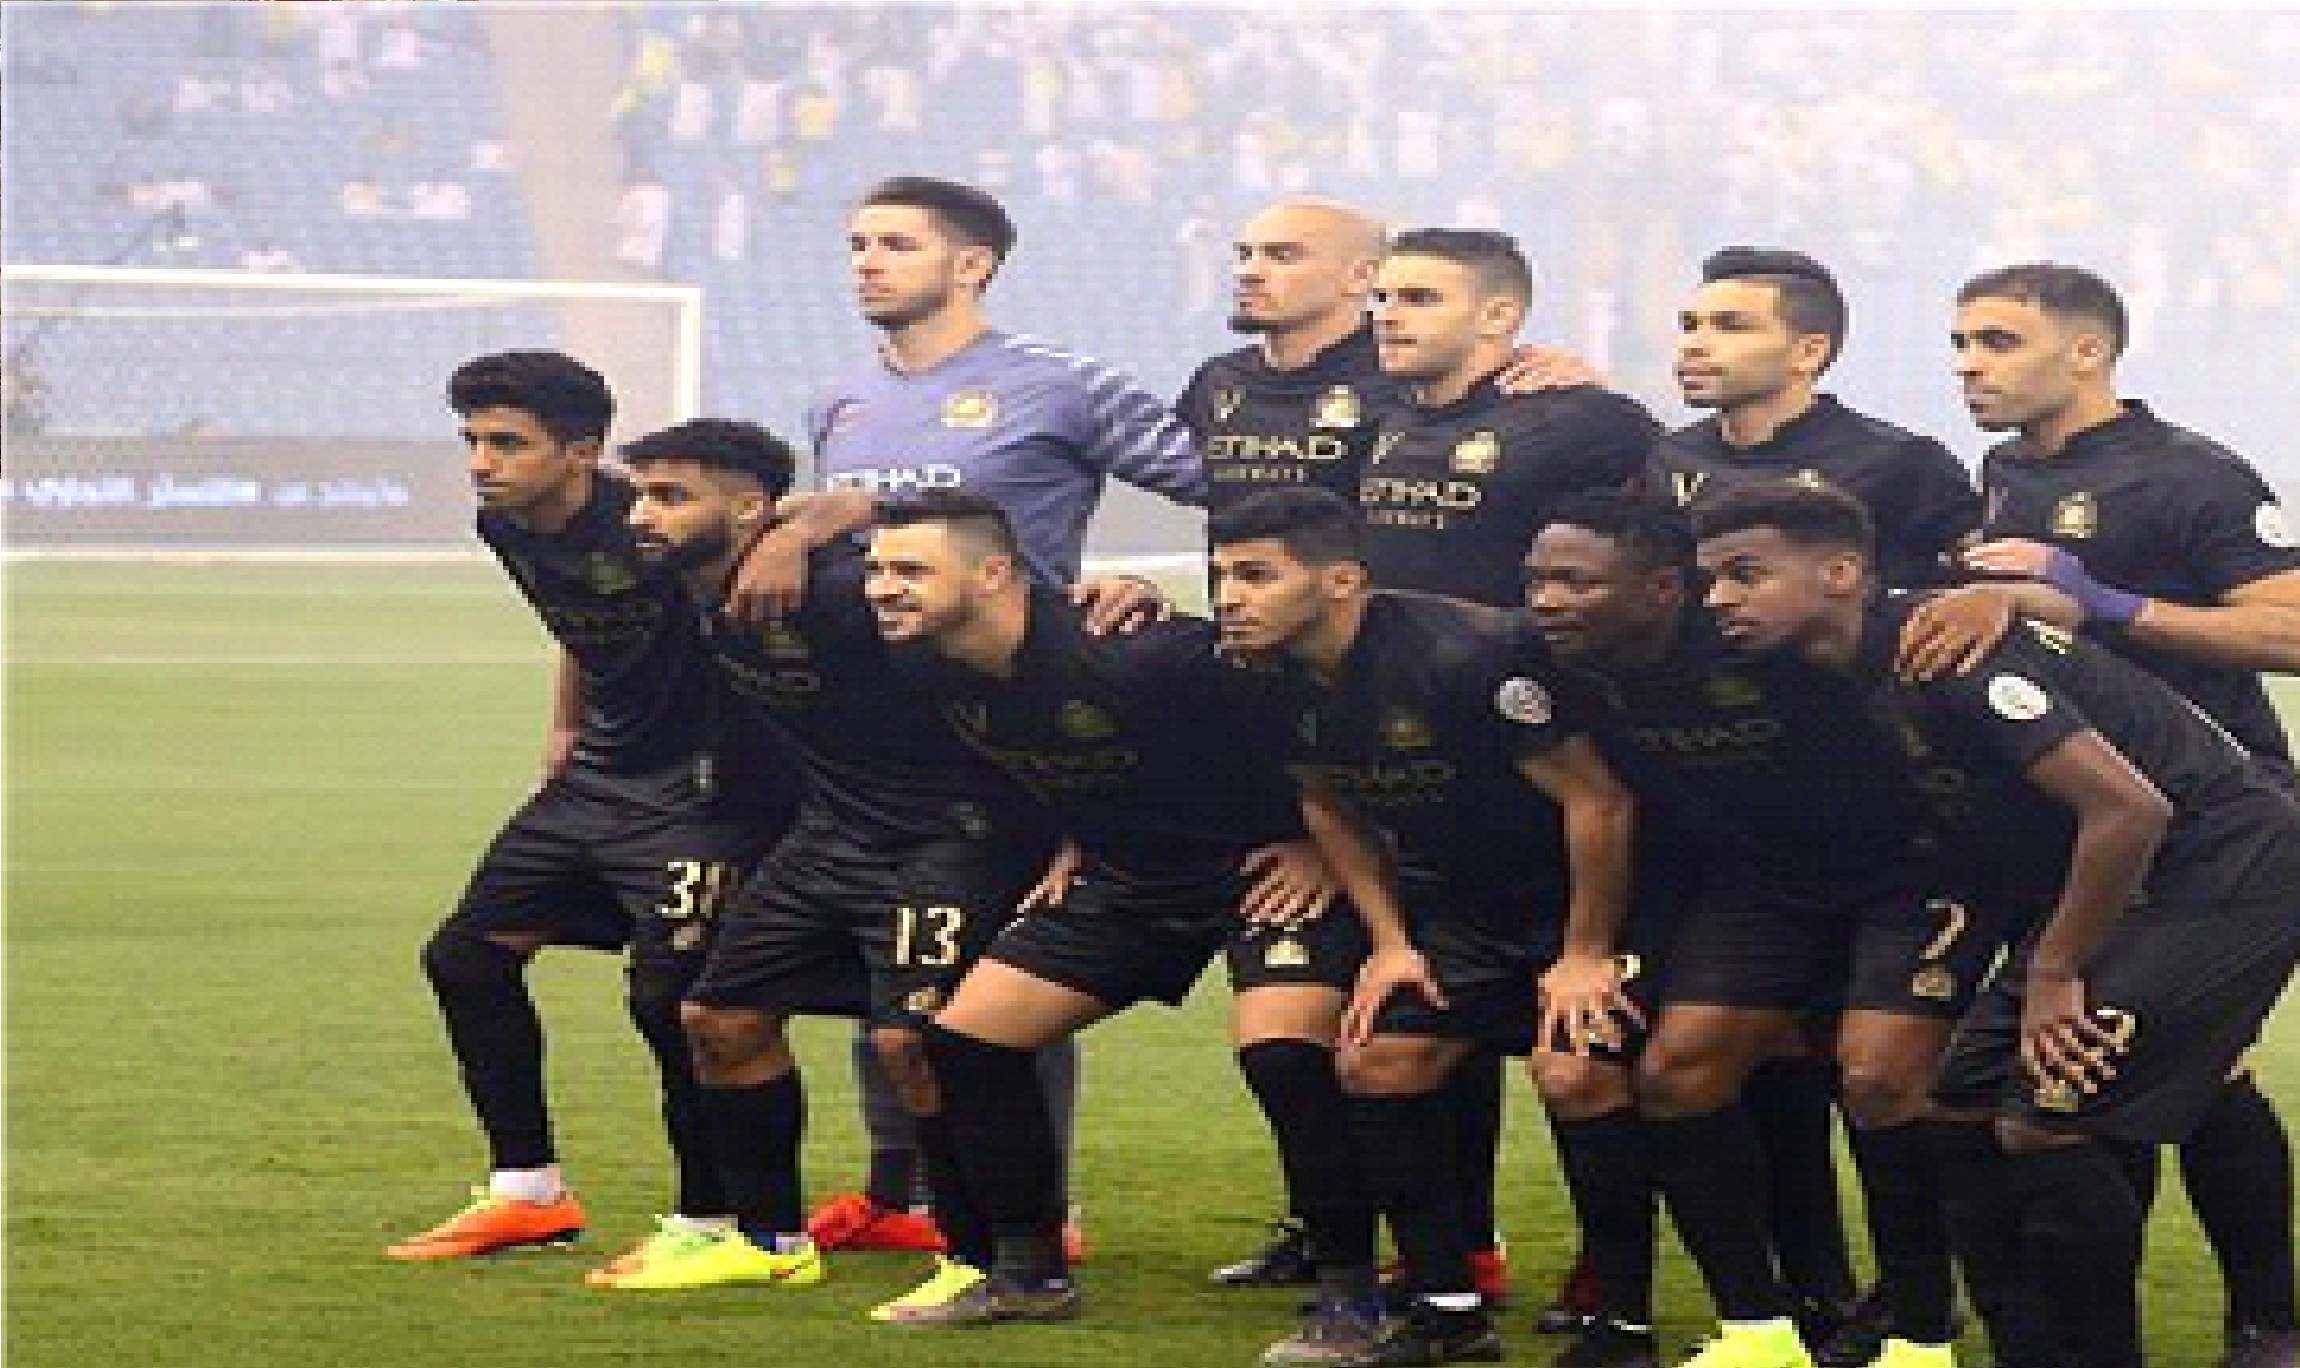 النصر السعودي يهزم الوصل الاماراتي و يحسم تأهله في ابطال اسيا